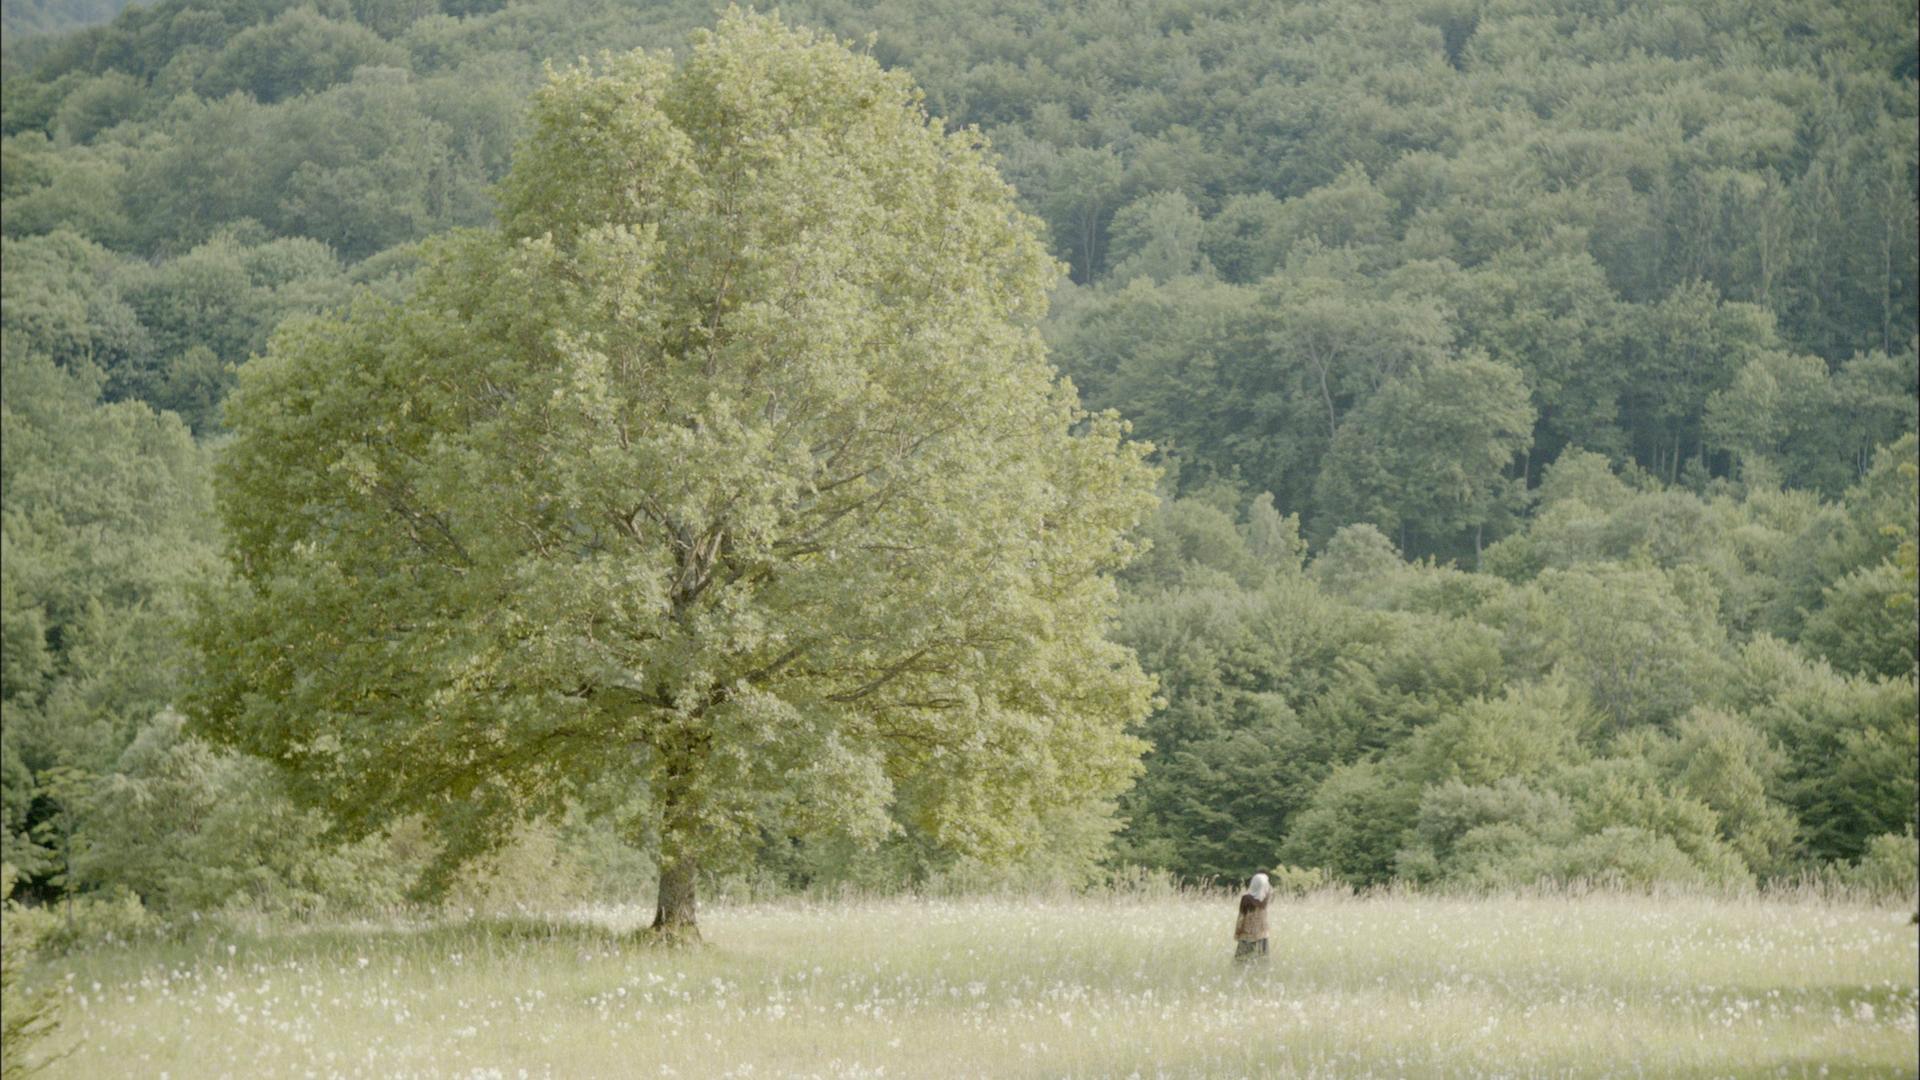 Filmska srečanja ob kavi: pogovor ob projekciji filma Deklica in drevo